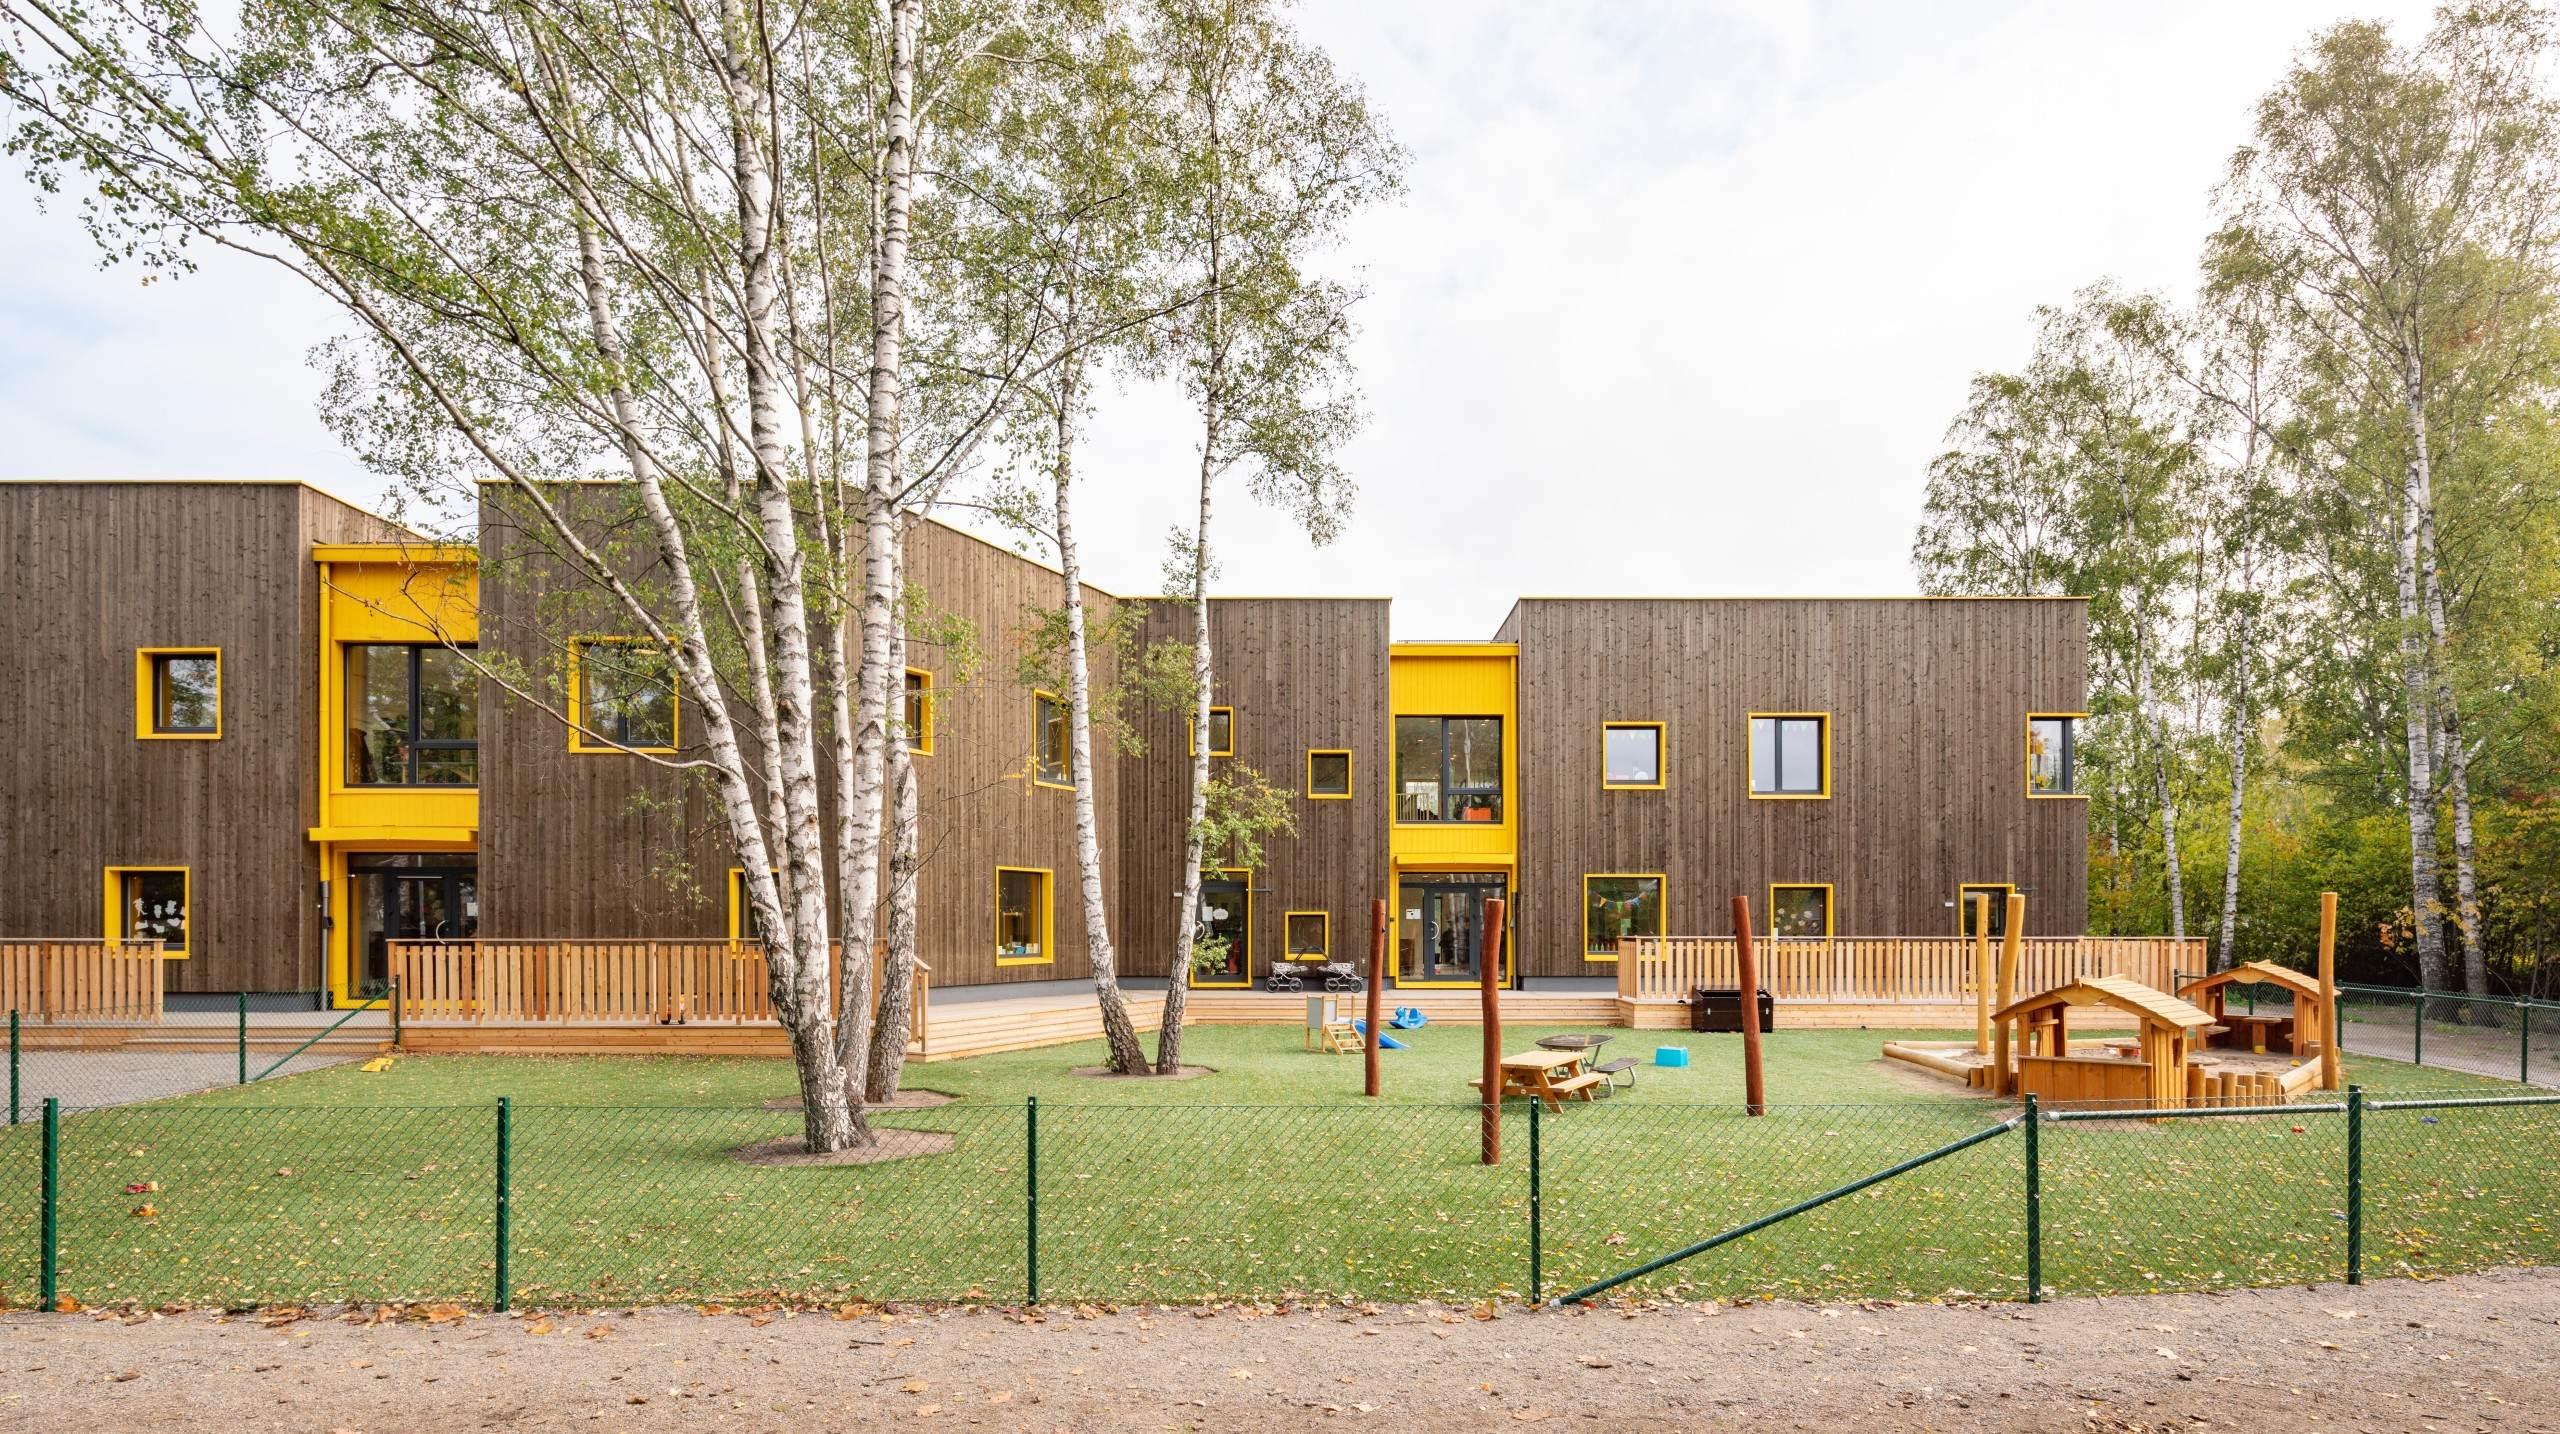 Förskolan Solängen i Huddinge, fotograferat av arkitekturfotograf Mattias Hamrén.